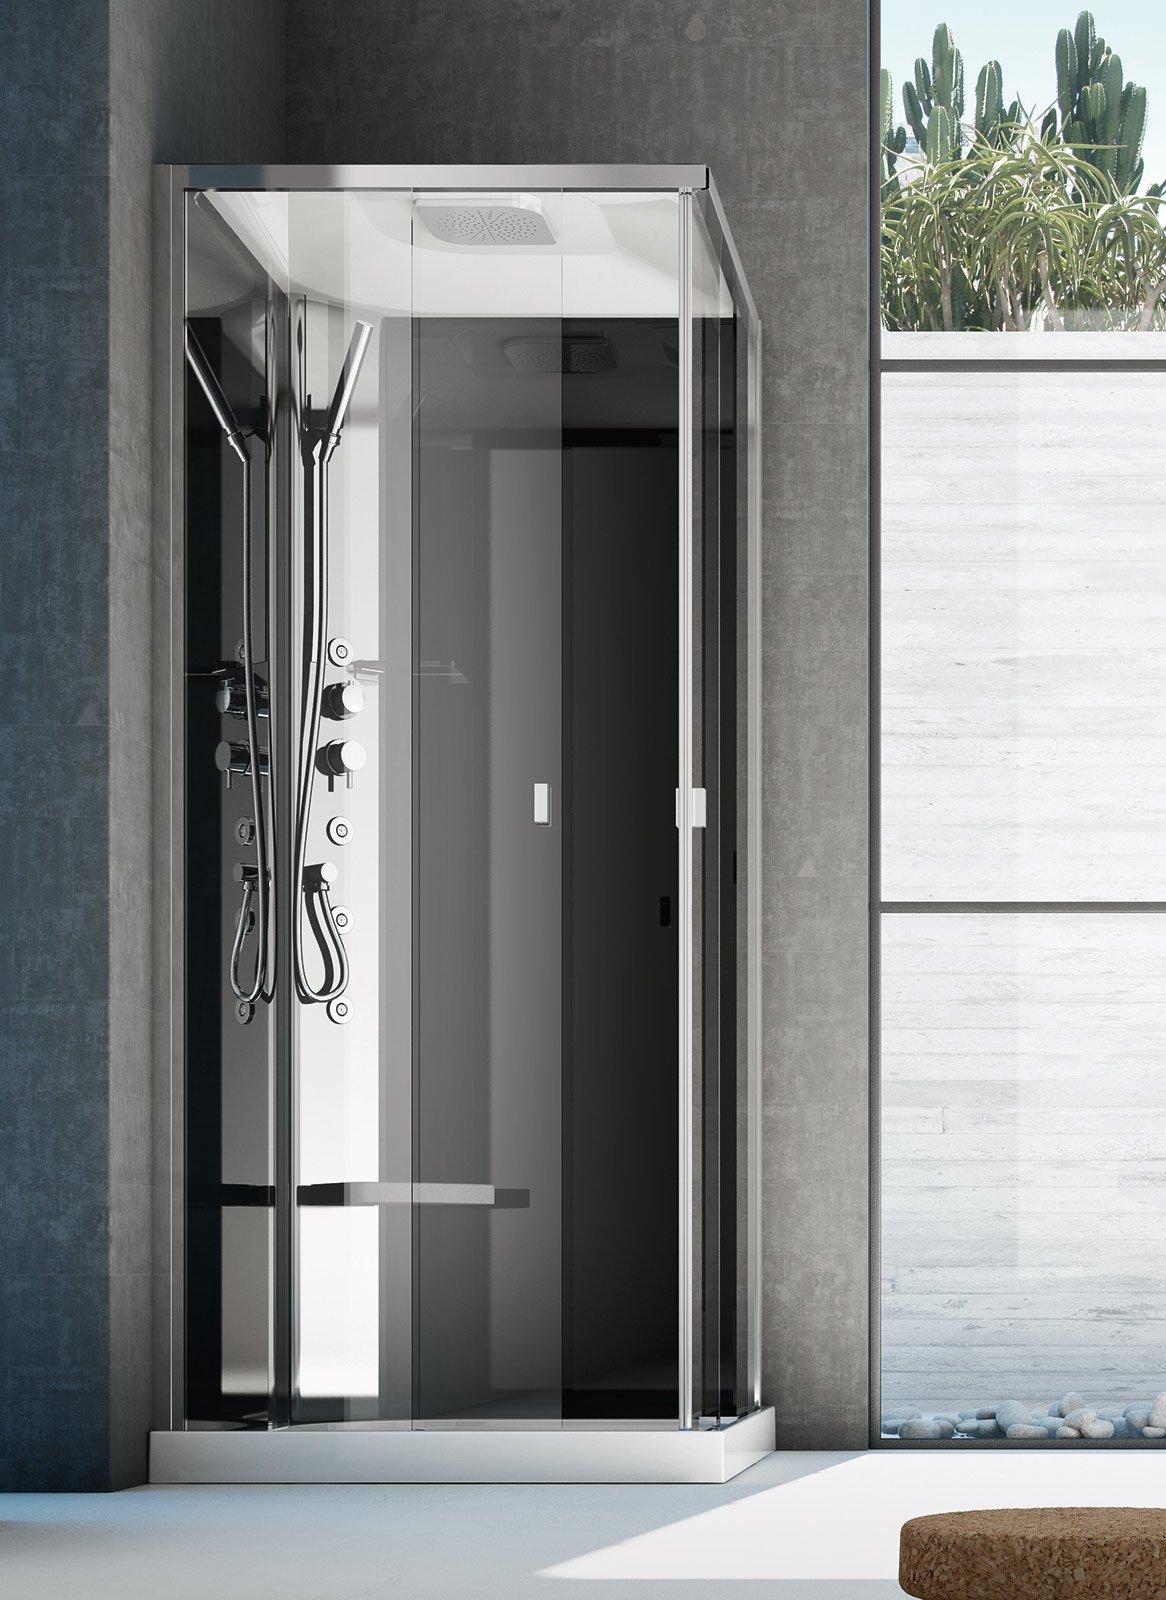 Casabook immobiliare il bagno cambia look dal lavabo all - Colonna doccia bagno turco ...